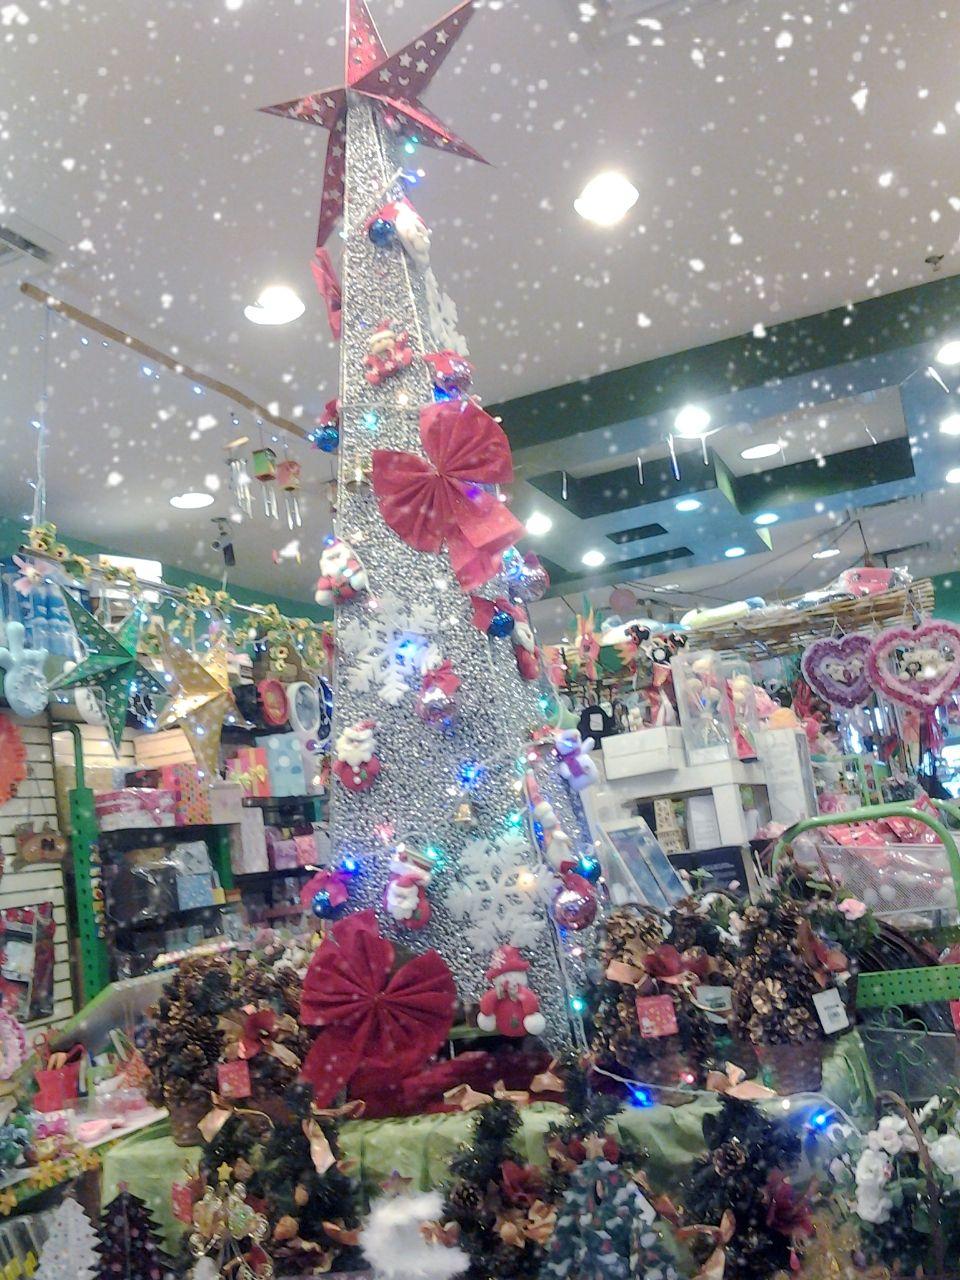 Superior Tesco Direct Christmas Decorations Part - 6: Christmas · Christmas Decoration From Living Cabin-Tesco Kampar